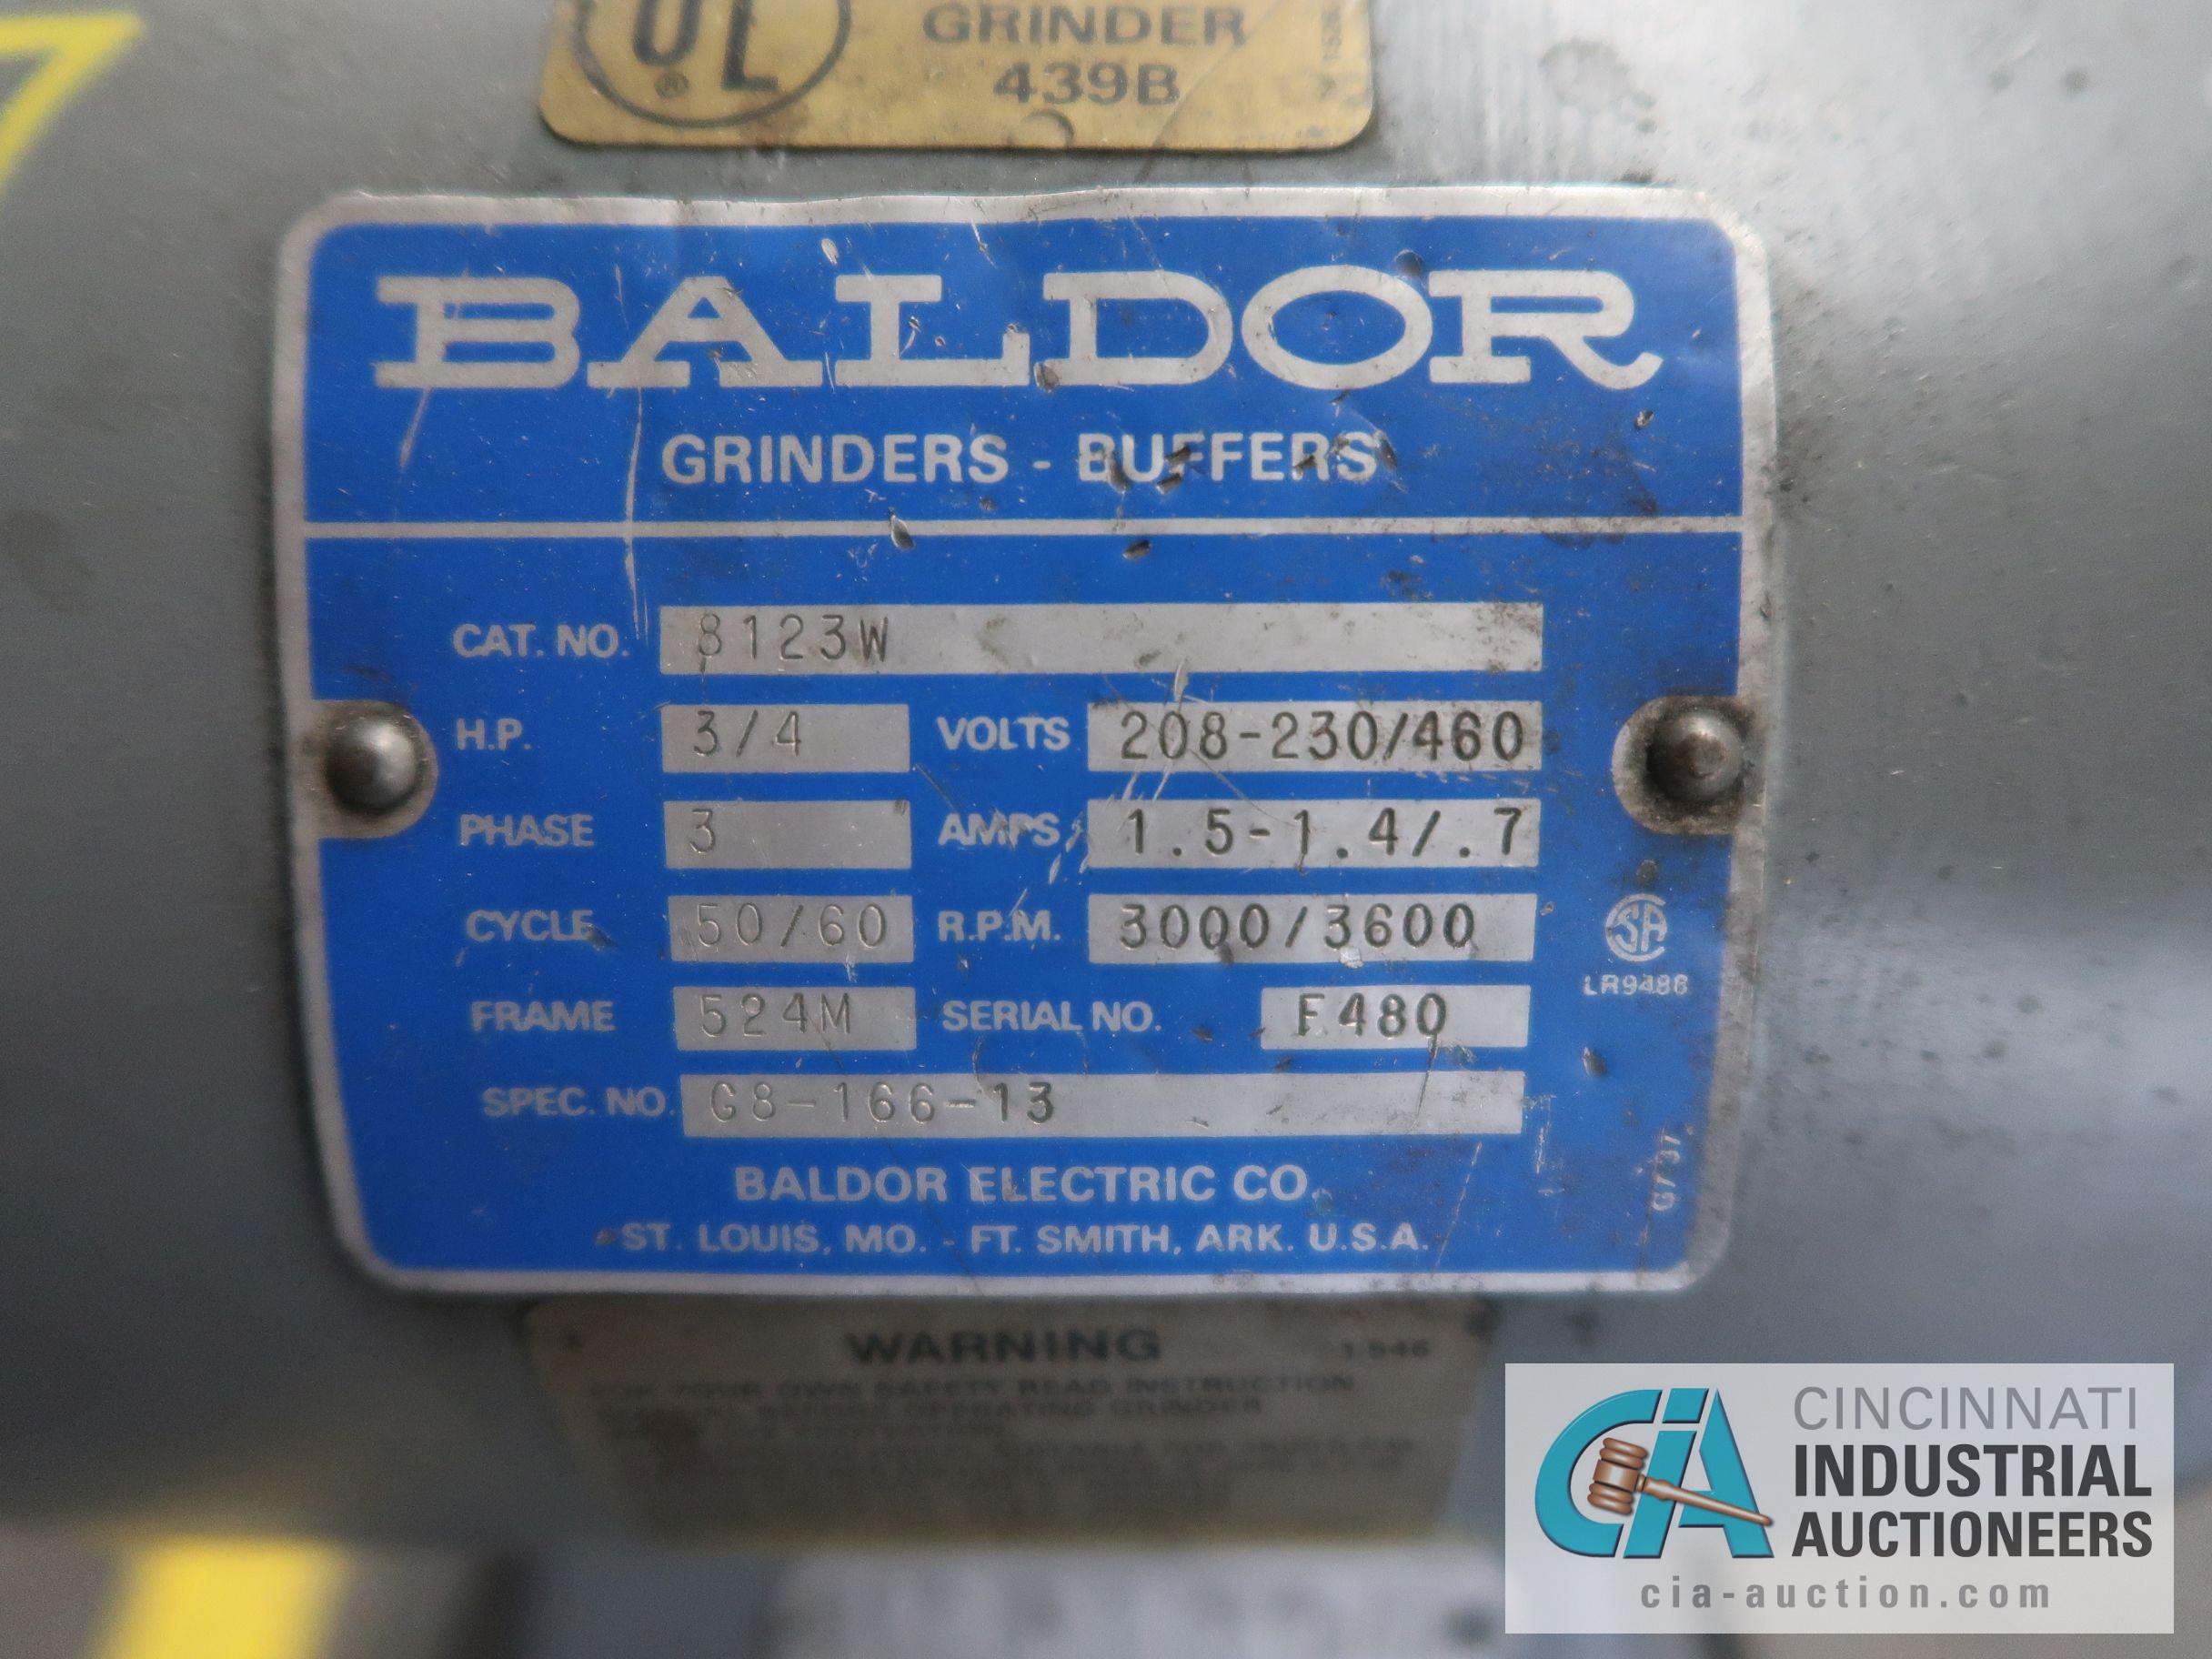 3/4 HP BALDOR DOUBLE END GRINDER - Image 4 of 4